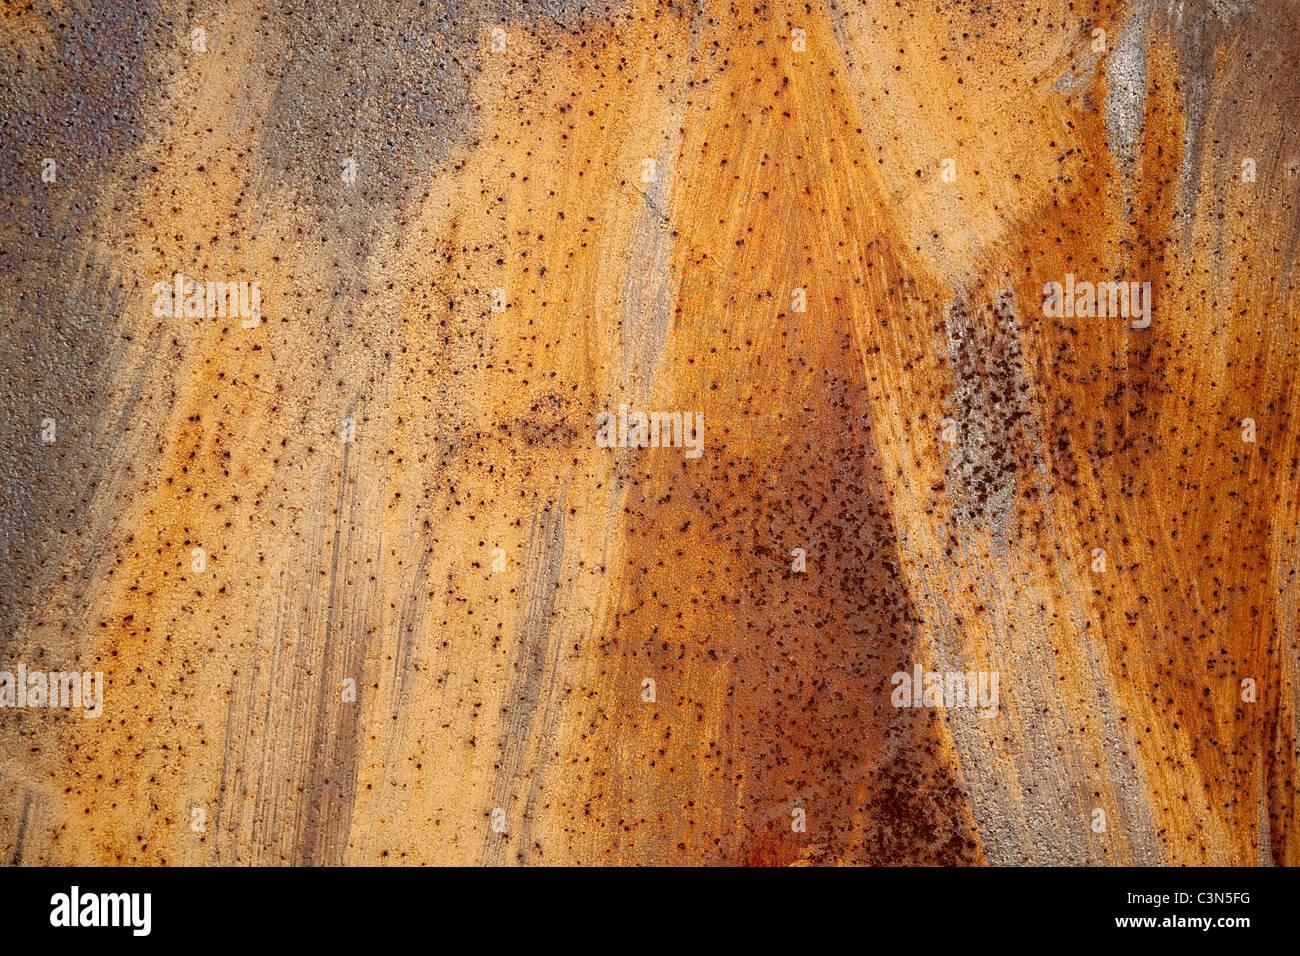 Fotografie zeigt einen rostigen Metall Hintergrund mit Scrachted Oberfläche. Stockbild